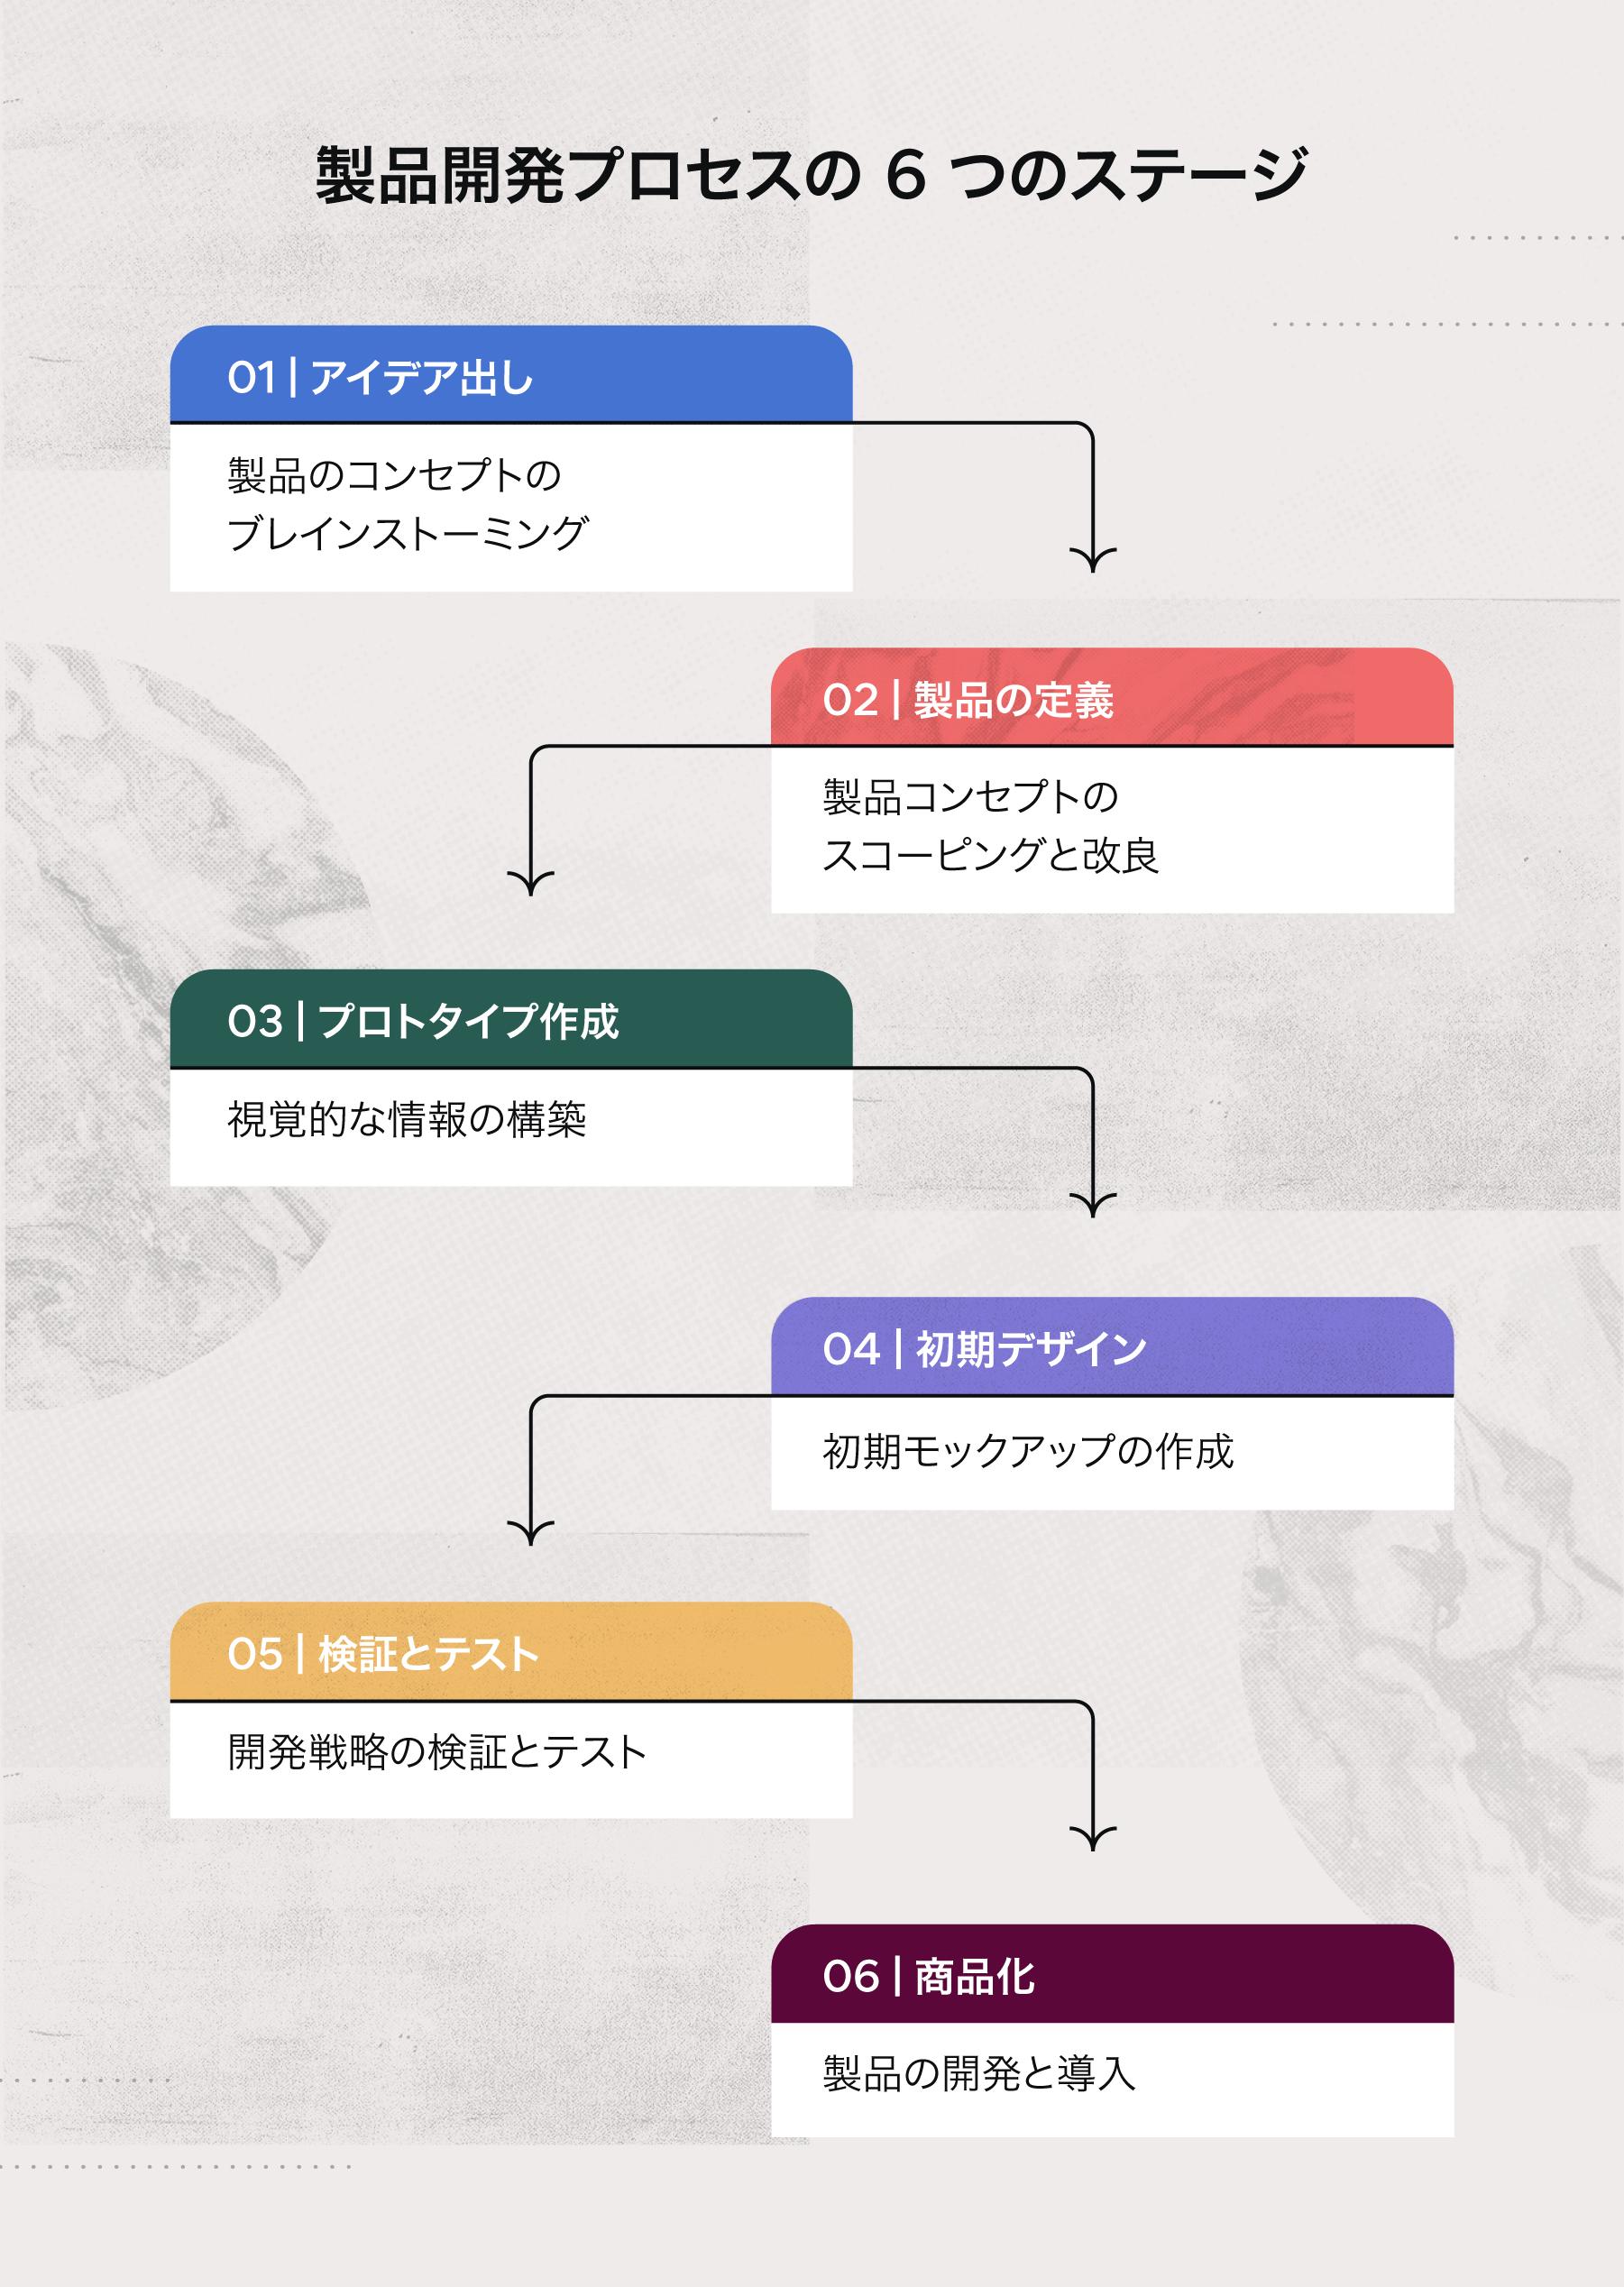 製品開発プロセスの 6 つのステージ